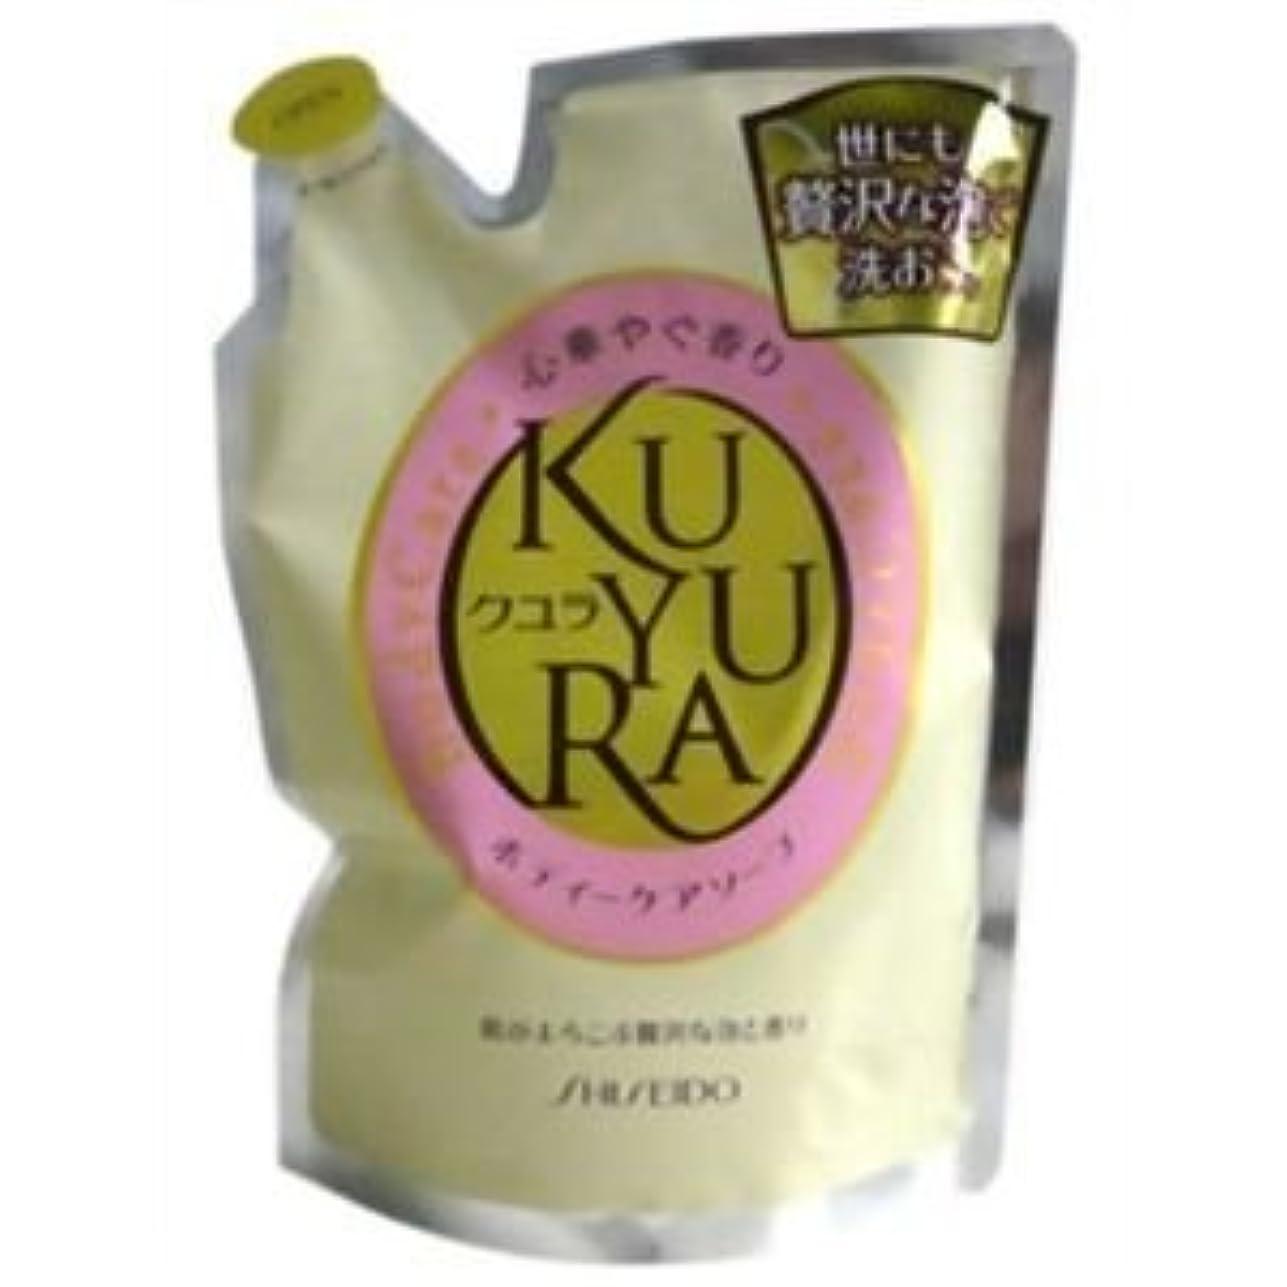 研究所意味のある信念クユラ ボディケアソープ 心華やぐ香り つめかえ用400ml 4セット